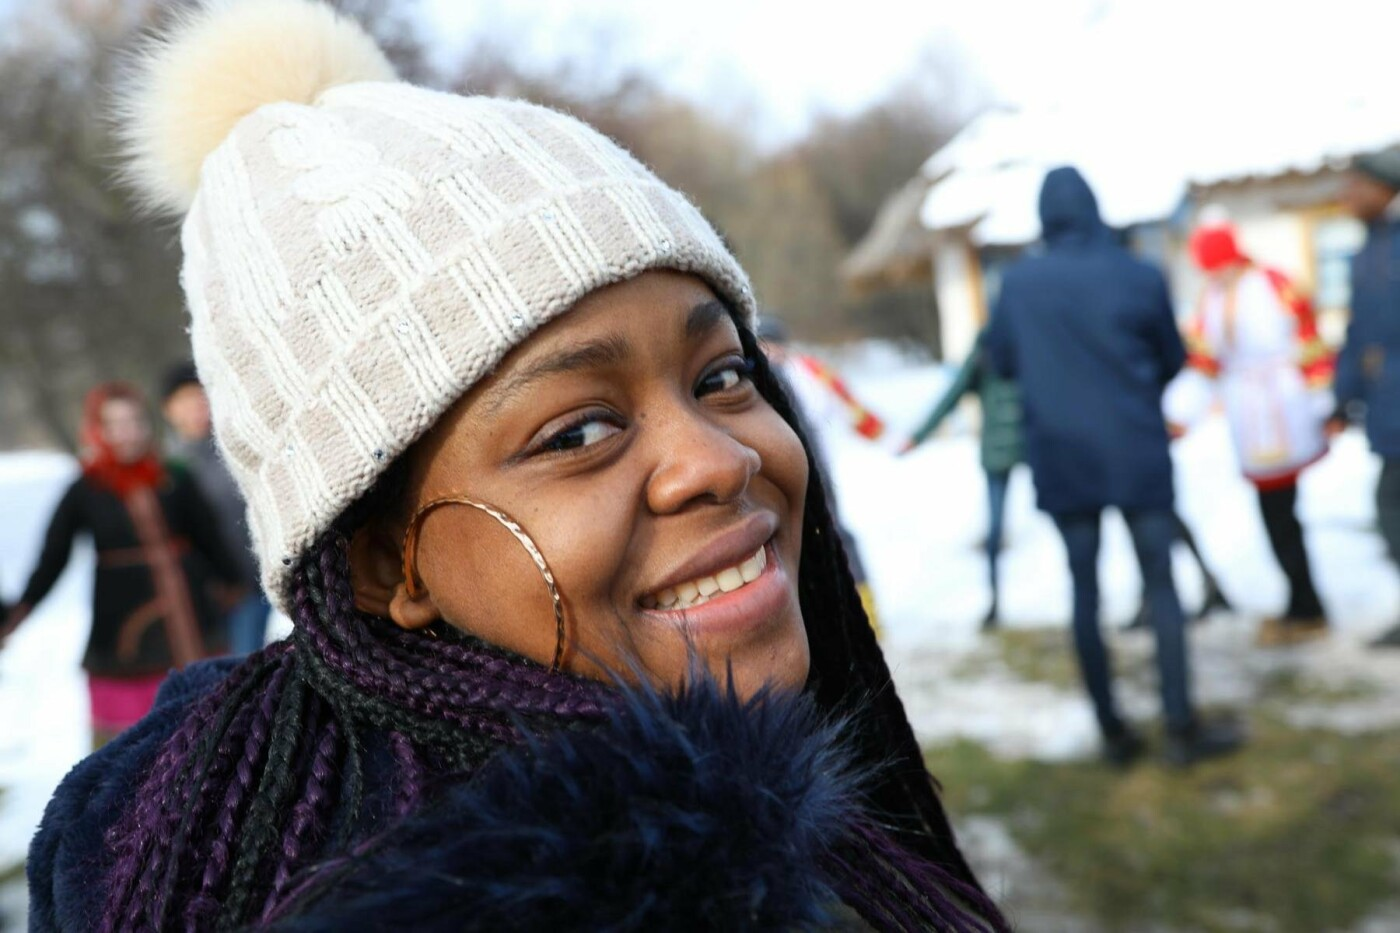 В Белгородской области в третий раз провели фестиваль «Маланья зимняя» — фоторепортаж, фото-4